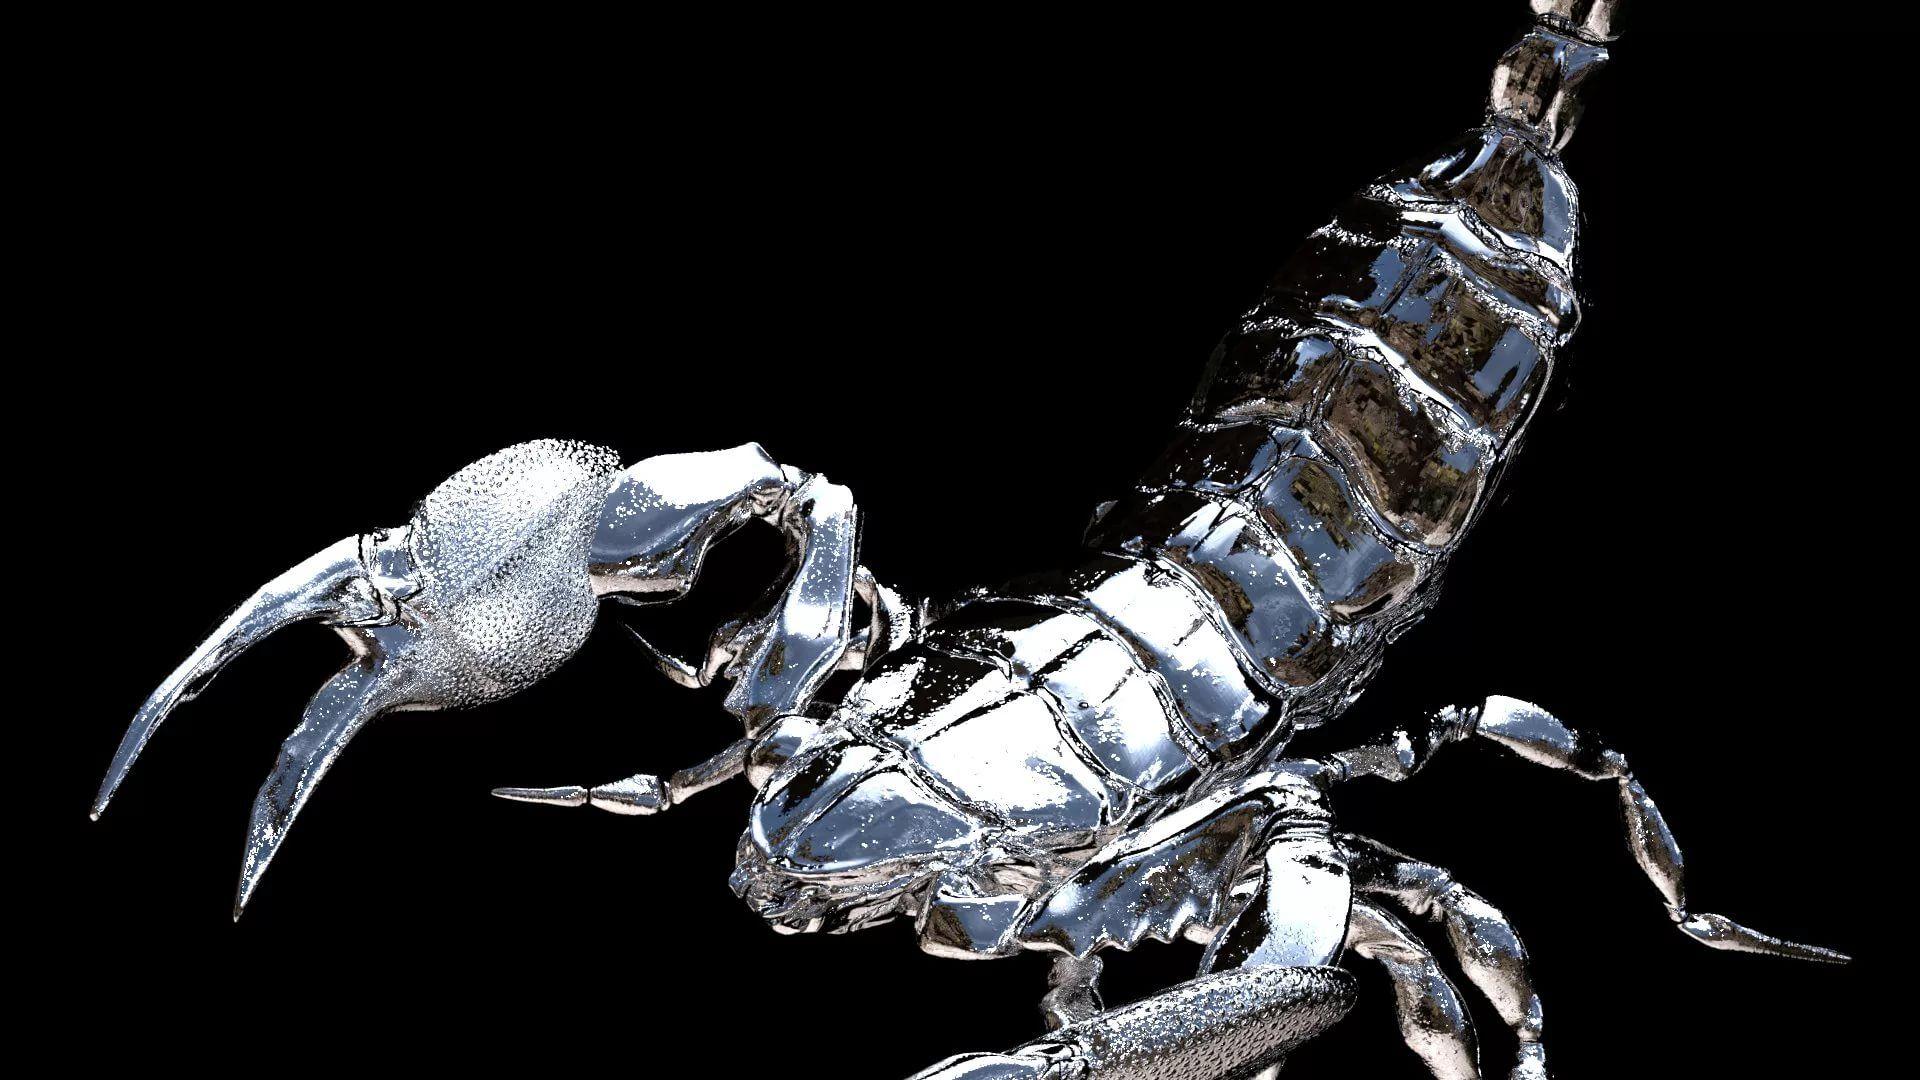 Scorpio hd wallpaper 1080p for pc